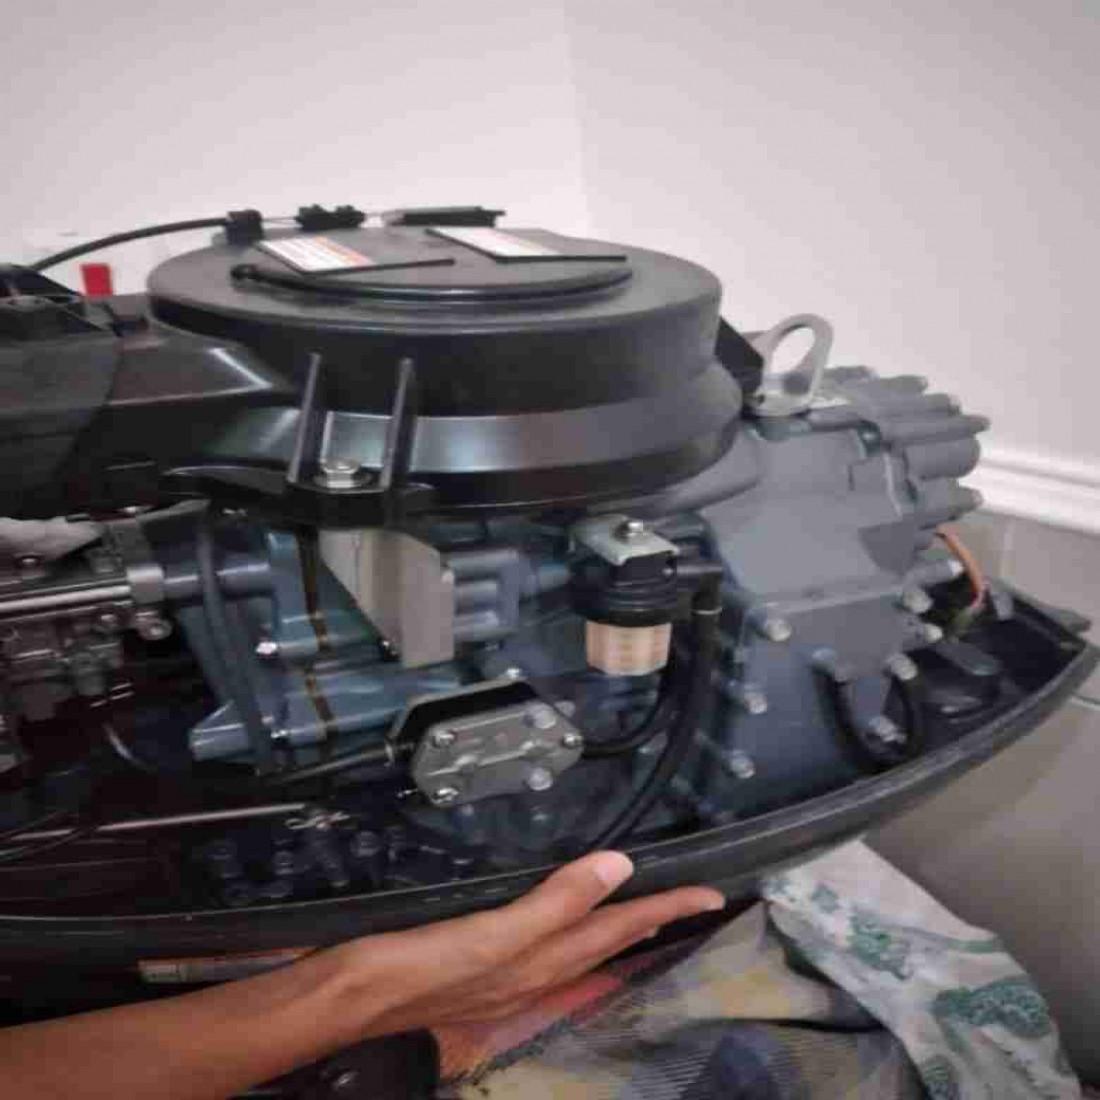 فروش موتور 40 اسببخار تخممرغی